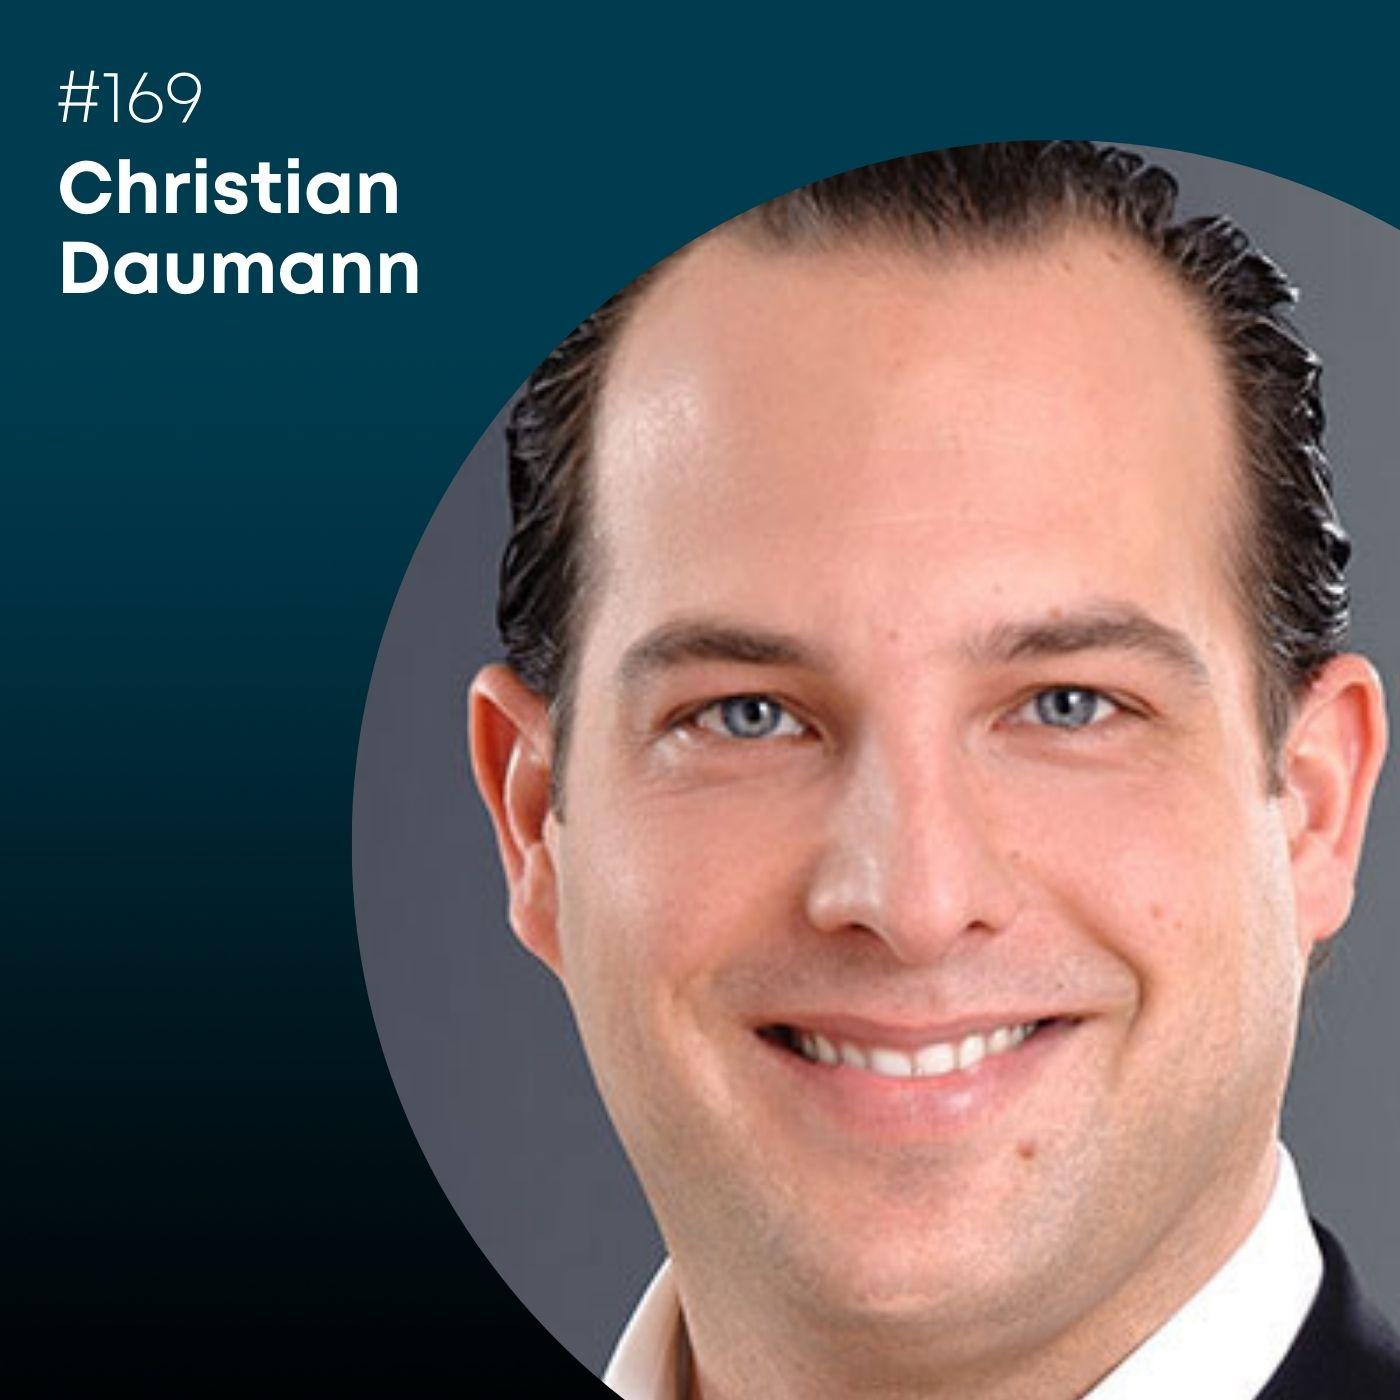 Folge 169: Christian Daumann, wie entdeckt Private Equity neue Geschäftsmodelle?